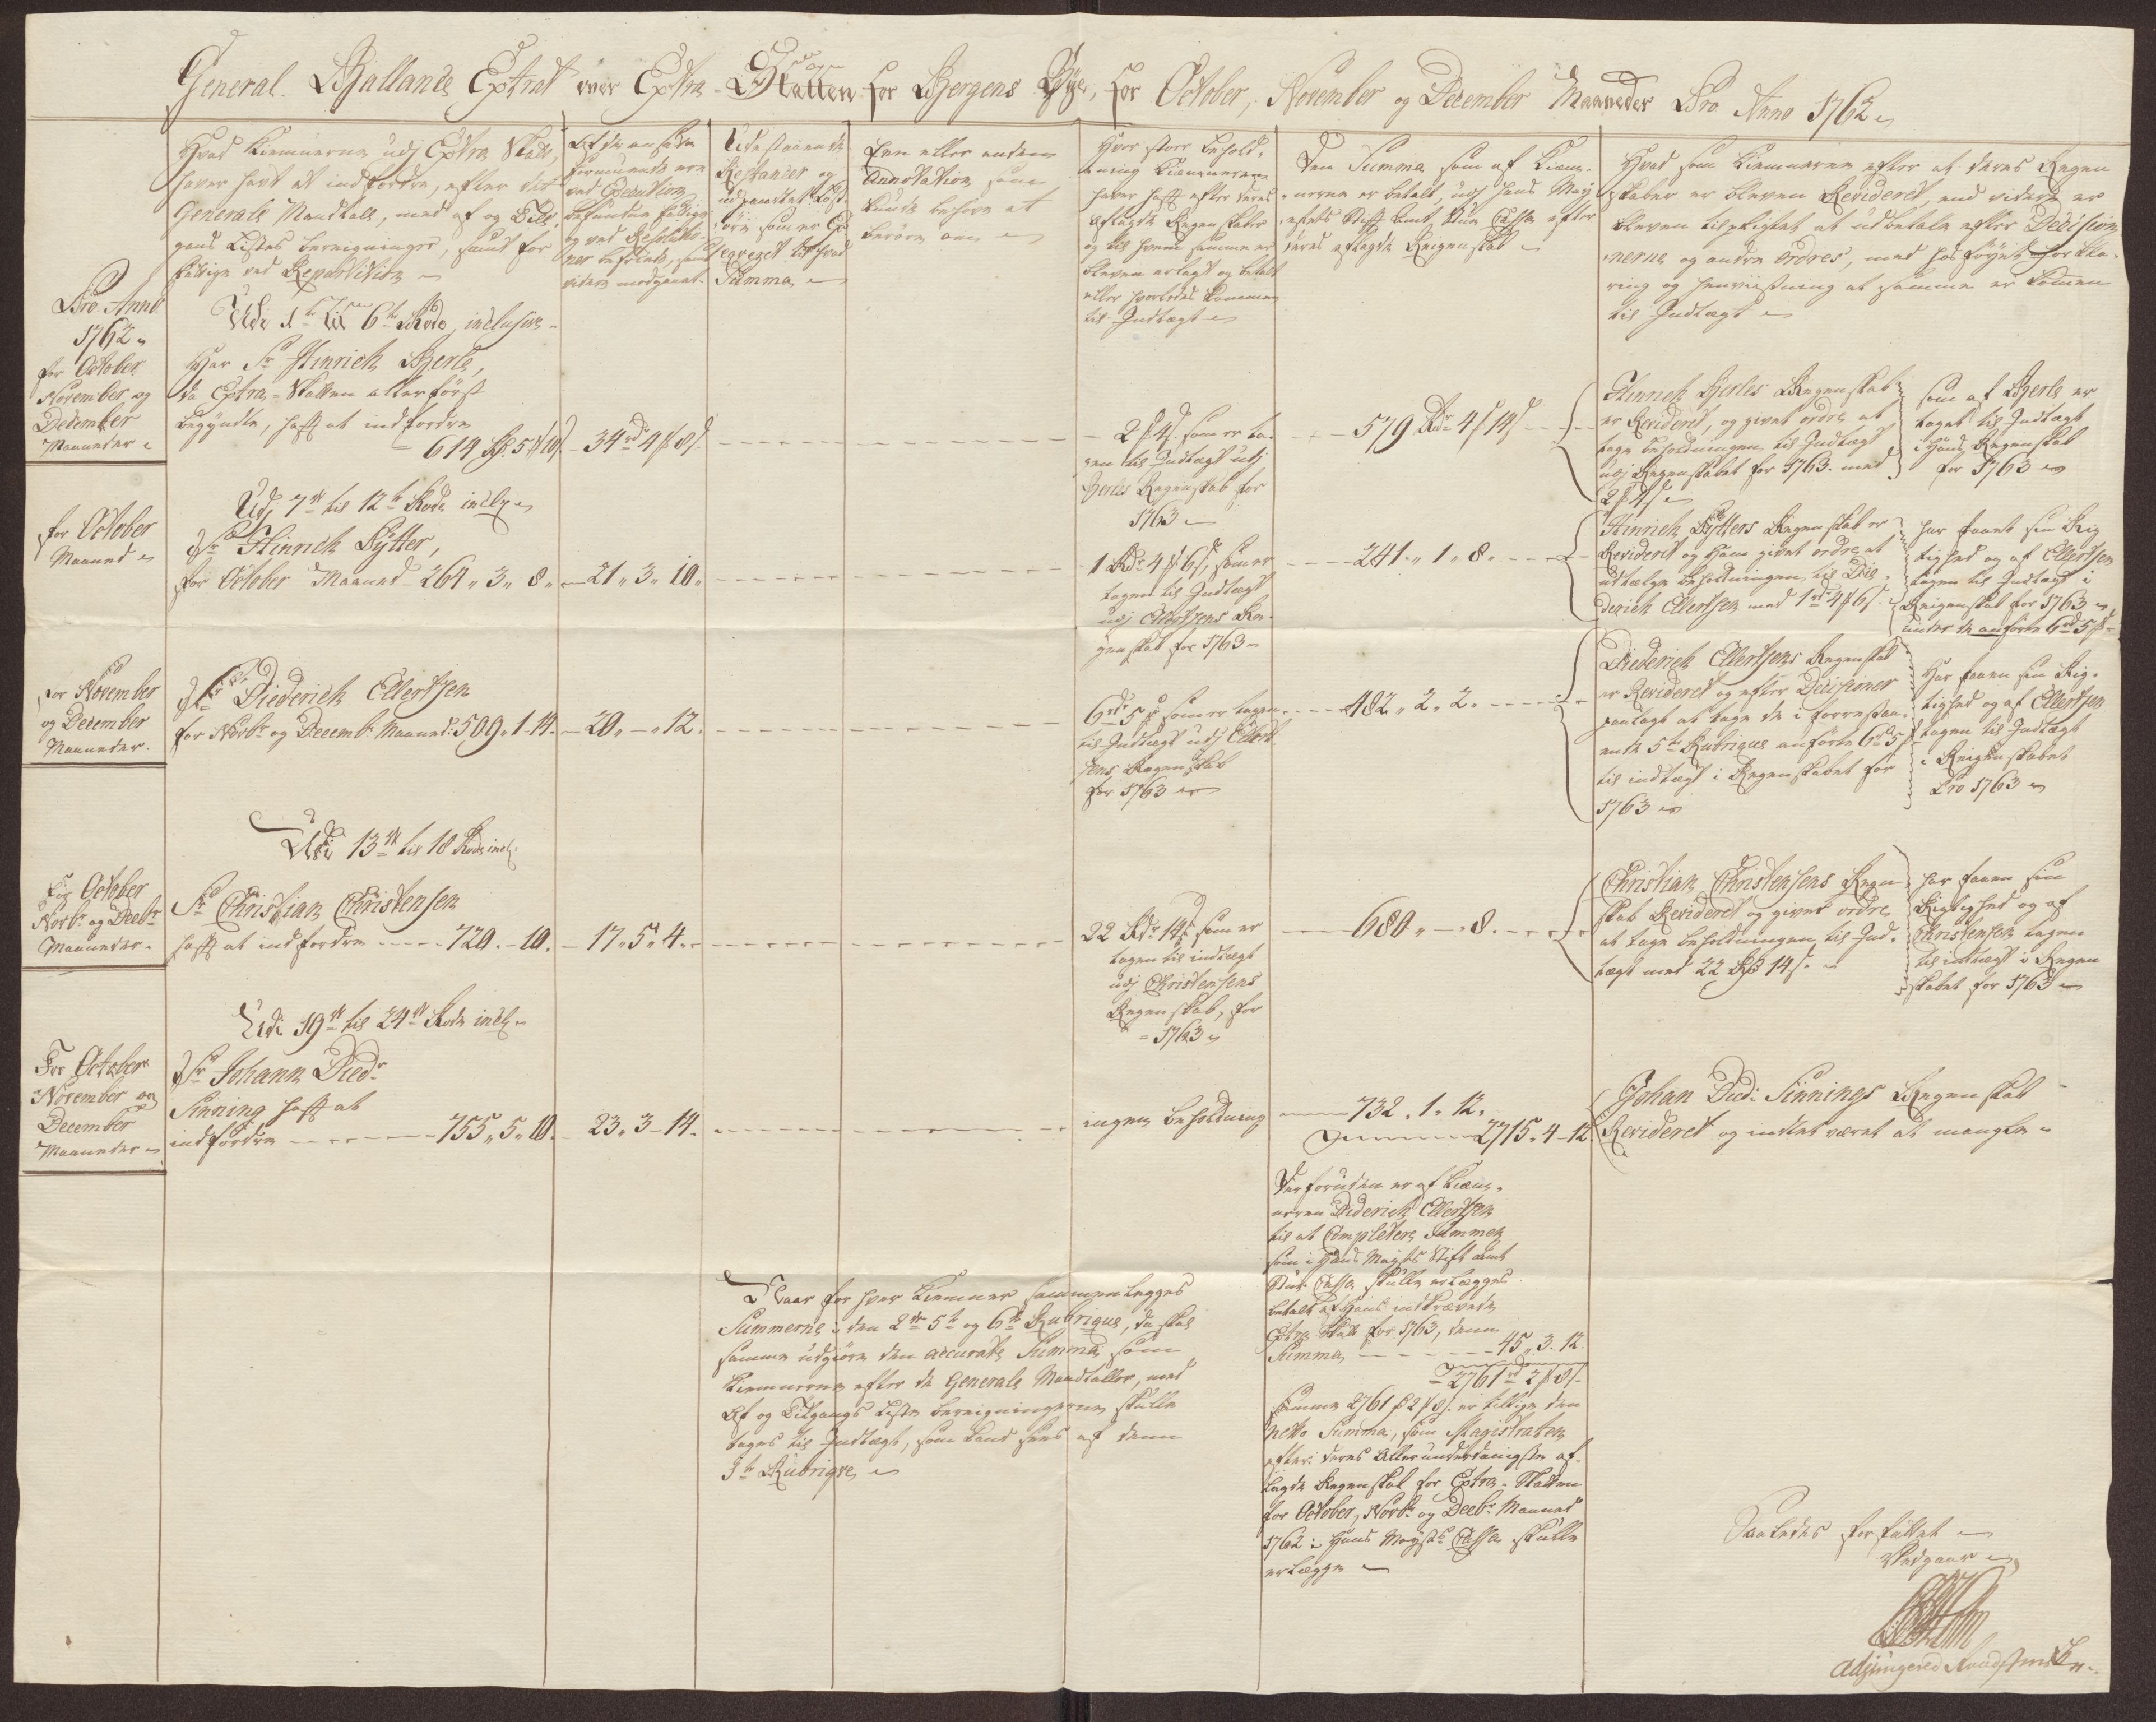 RA, Rentekammeret inntil 1814, Reviderte regnskaper, Byregnskaper, R/Rp/L0368: [P21] Kontribusjonsregnskap, 1764, s. 290